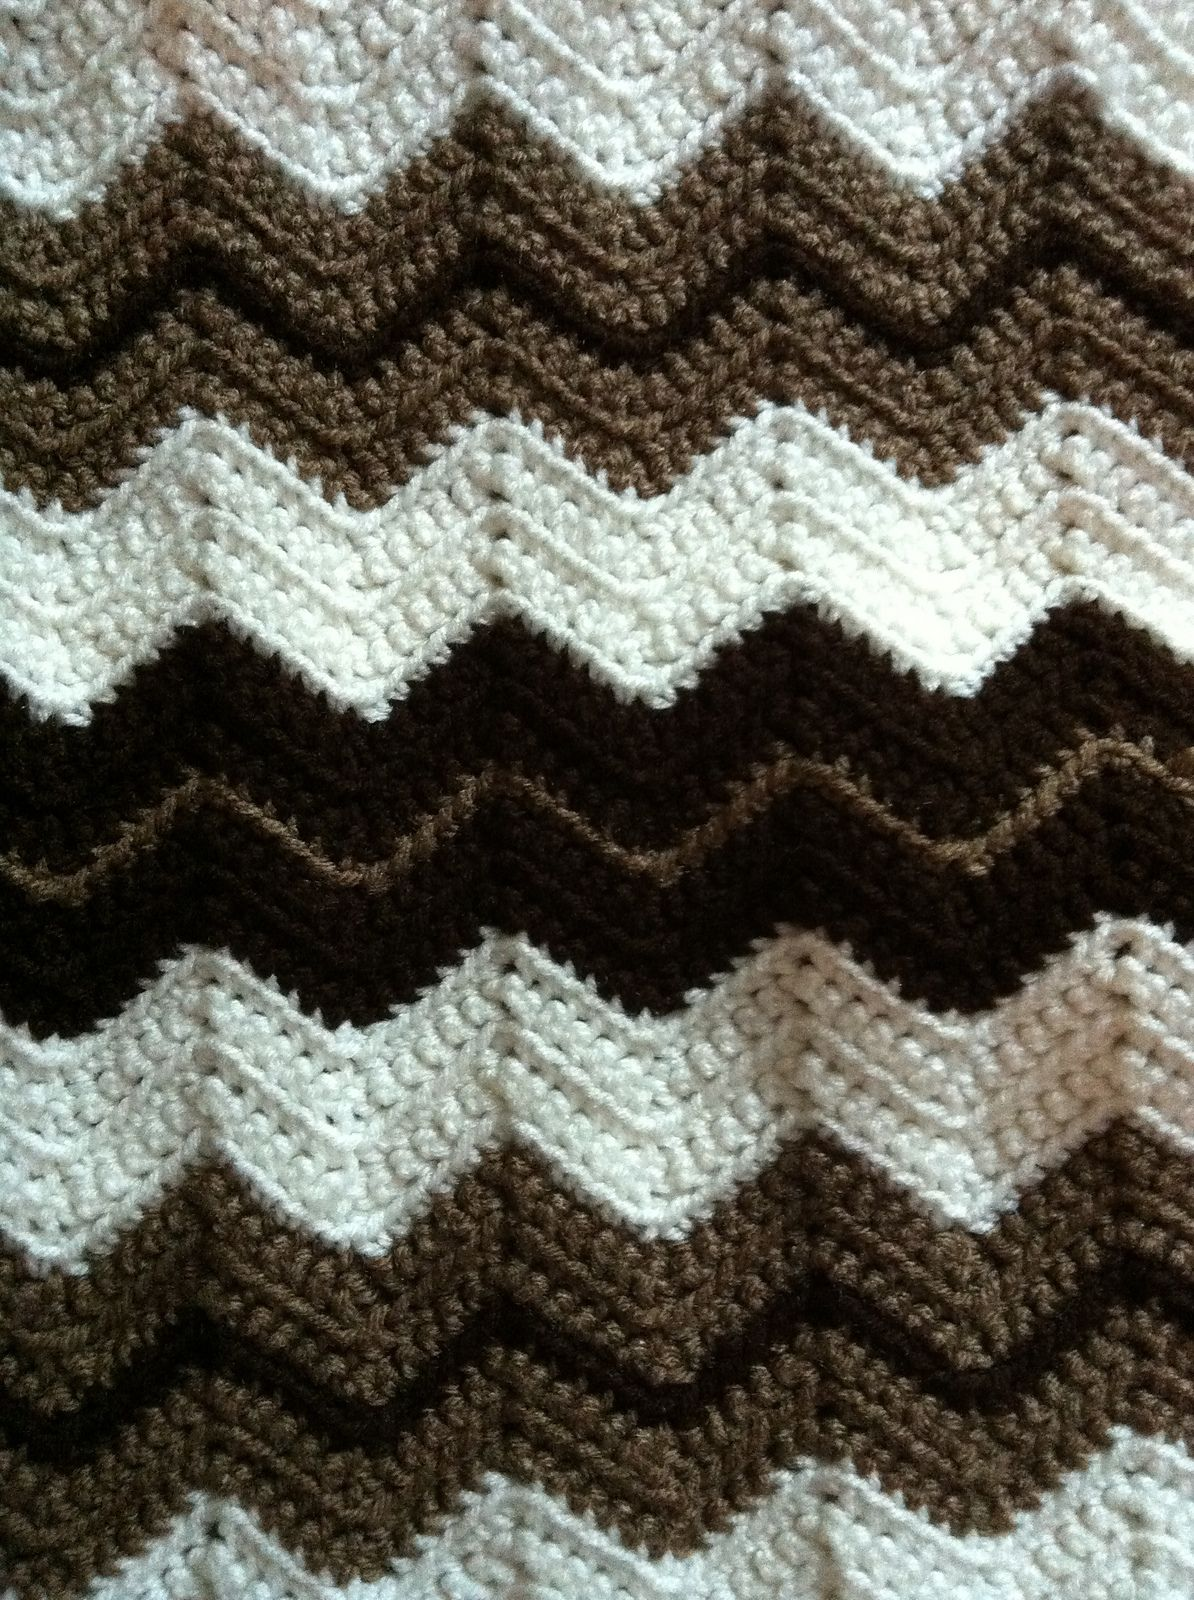 Ripple Baby Blanket (Crochet) By Marilyn Losee - Free Crochet ...